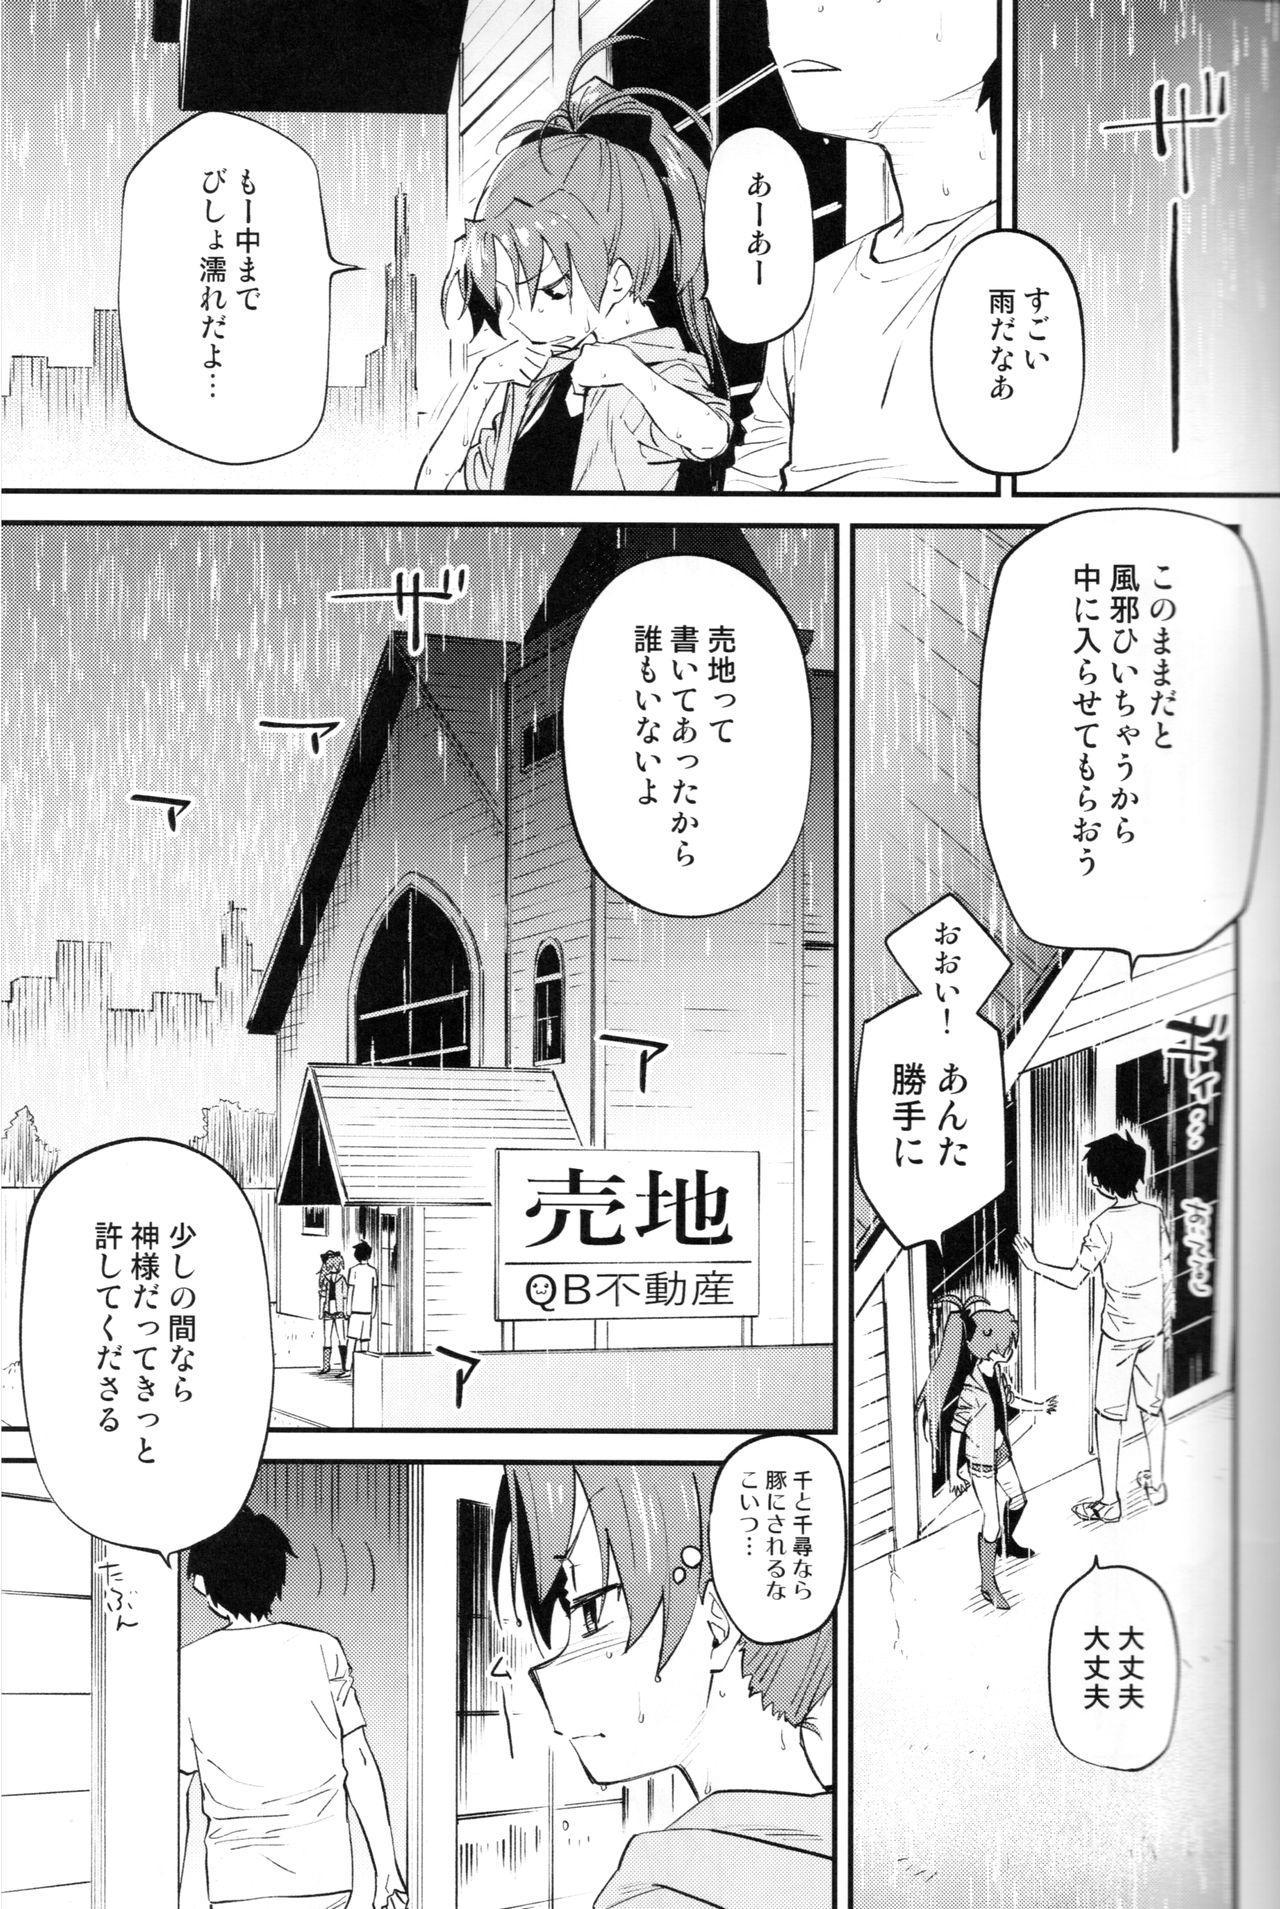 Kyouko to Are Suru Hon 3 1